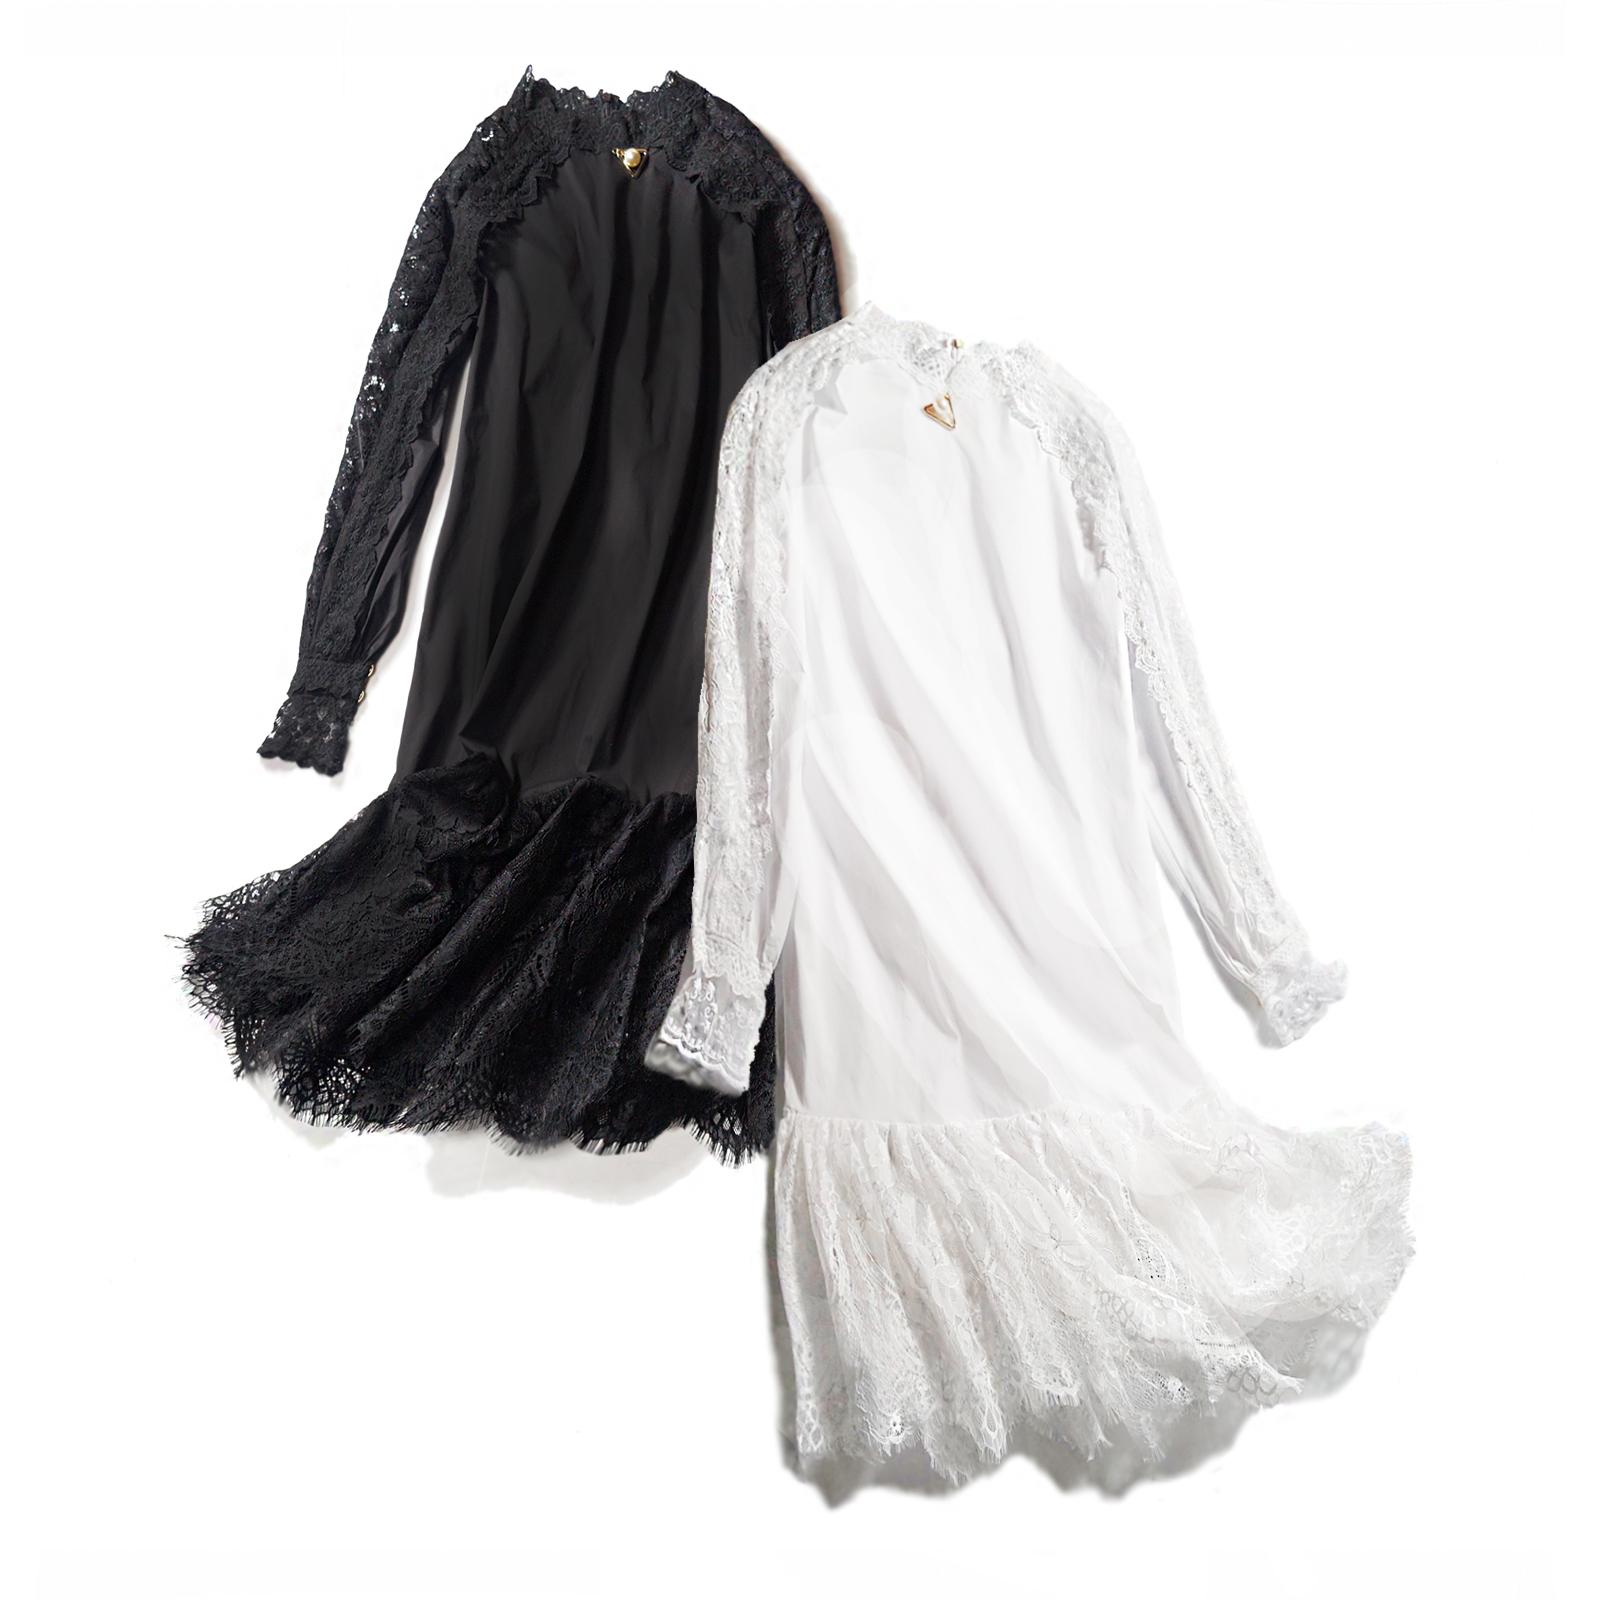 白色蕾丝连衣裙 欧洲站秋装女装2018新款欧货潮蕾丝拼接长袖镂空透视中长款连衣裙_推荐淘宝好看的白色蕾丝连衣裙